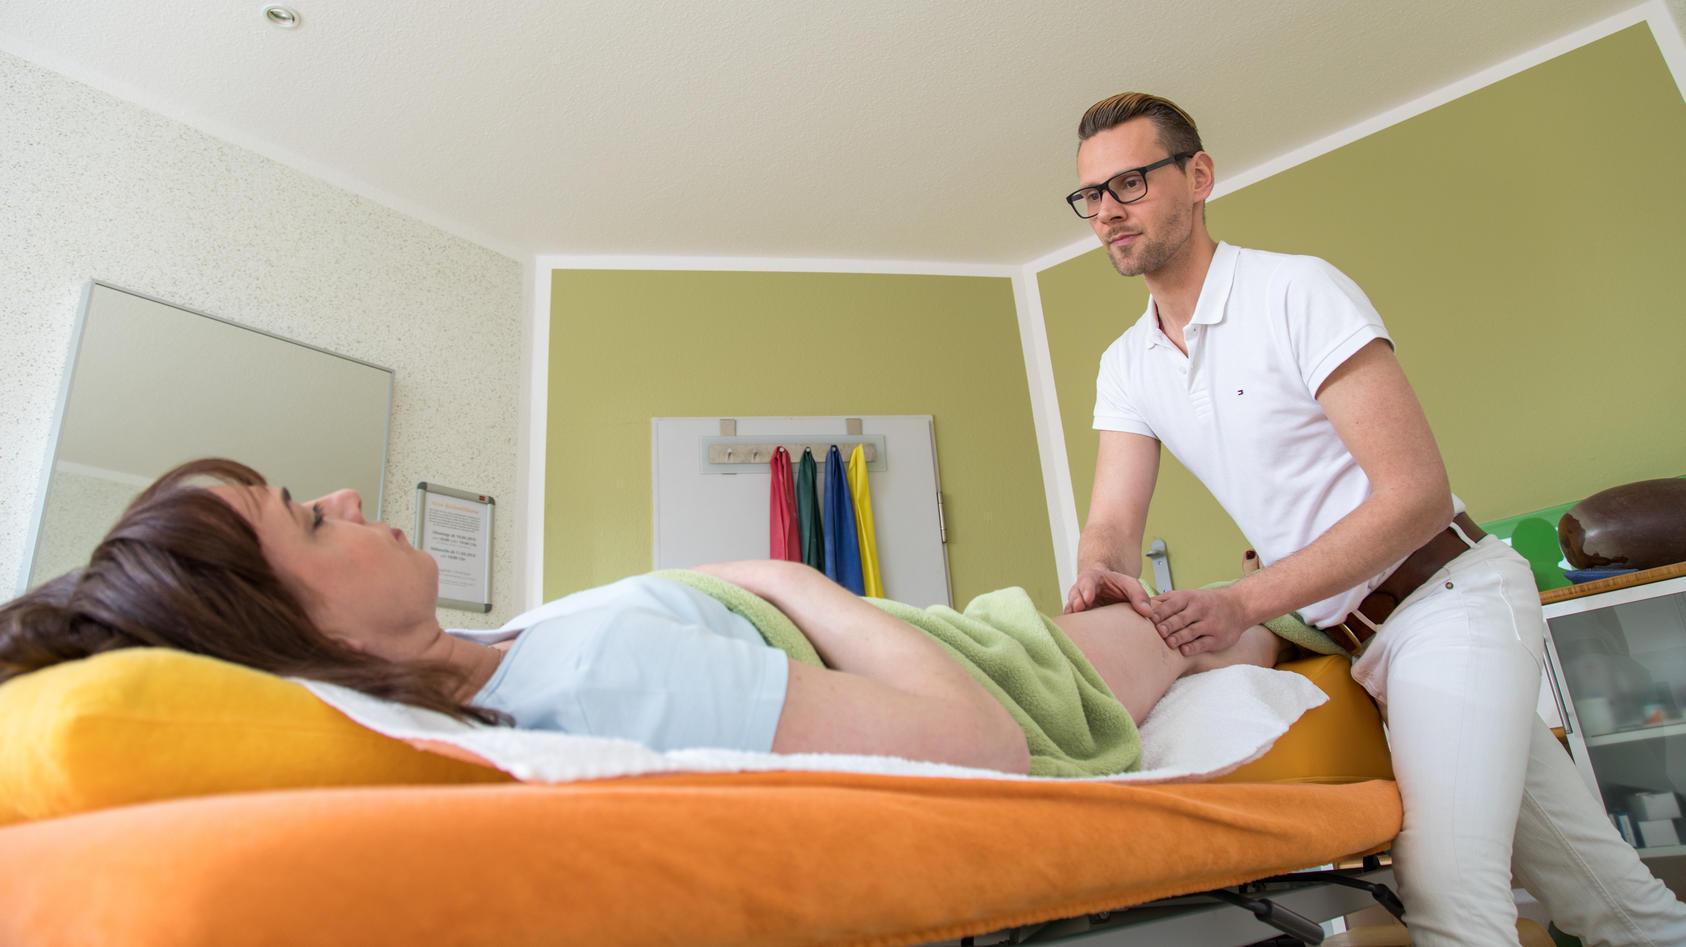 Ein Physiotherapeut behandelt eine Patientin mit Lymphdrainage.